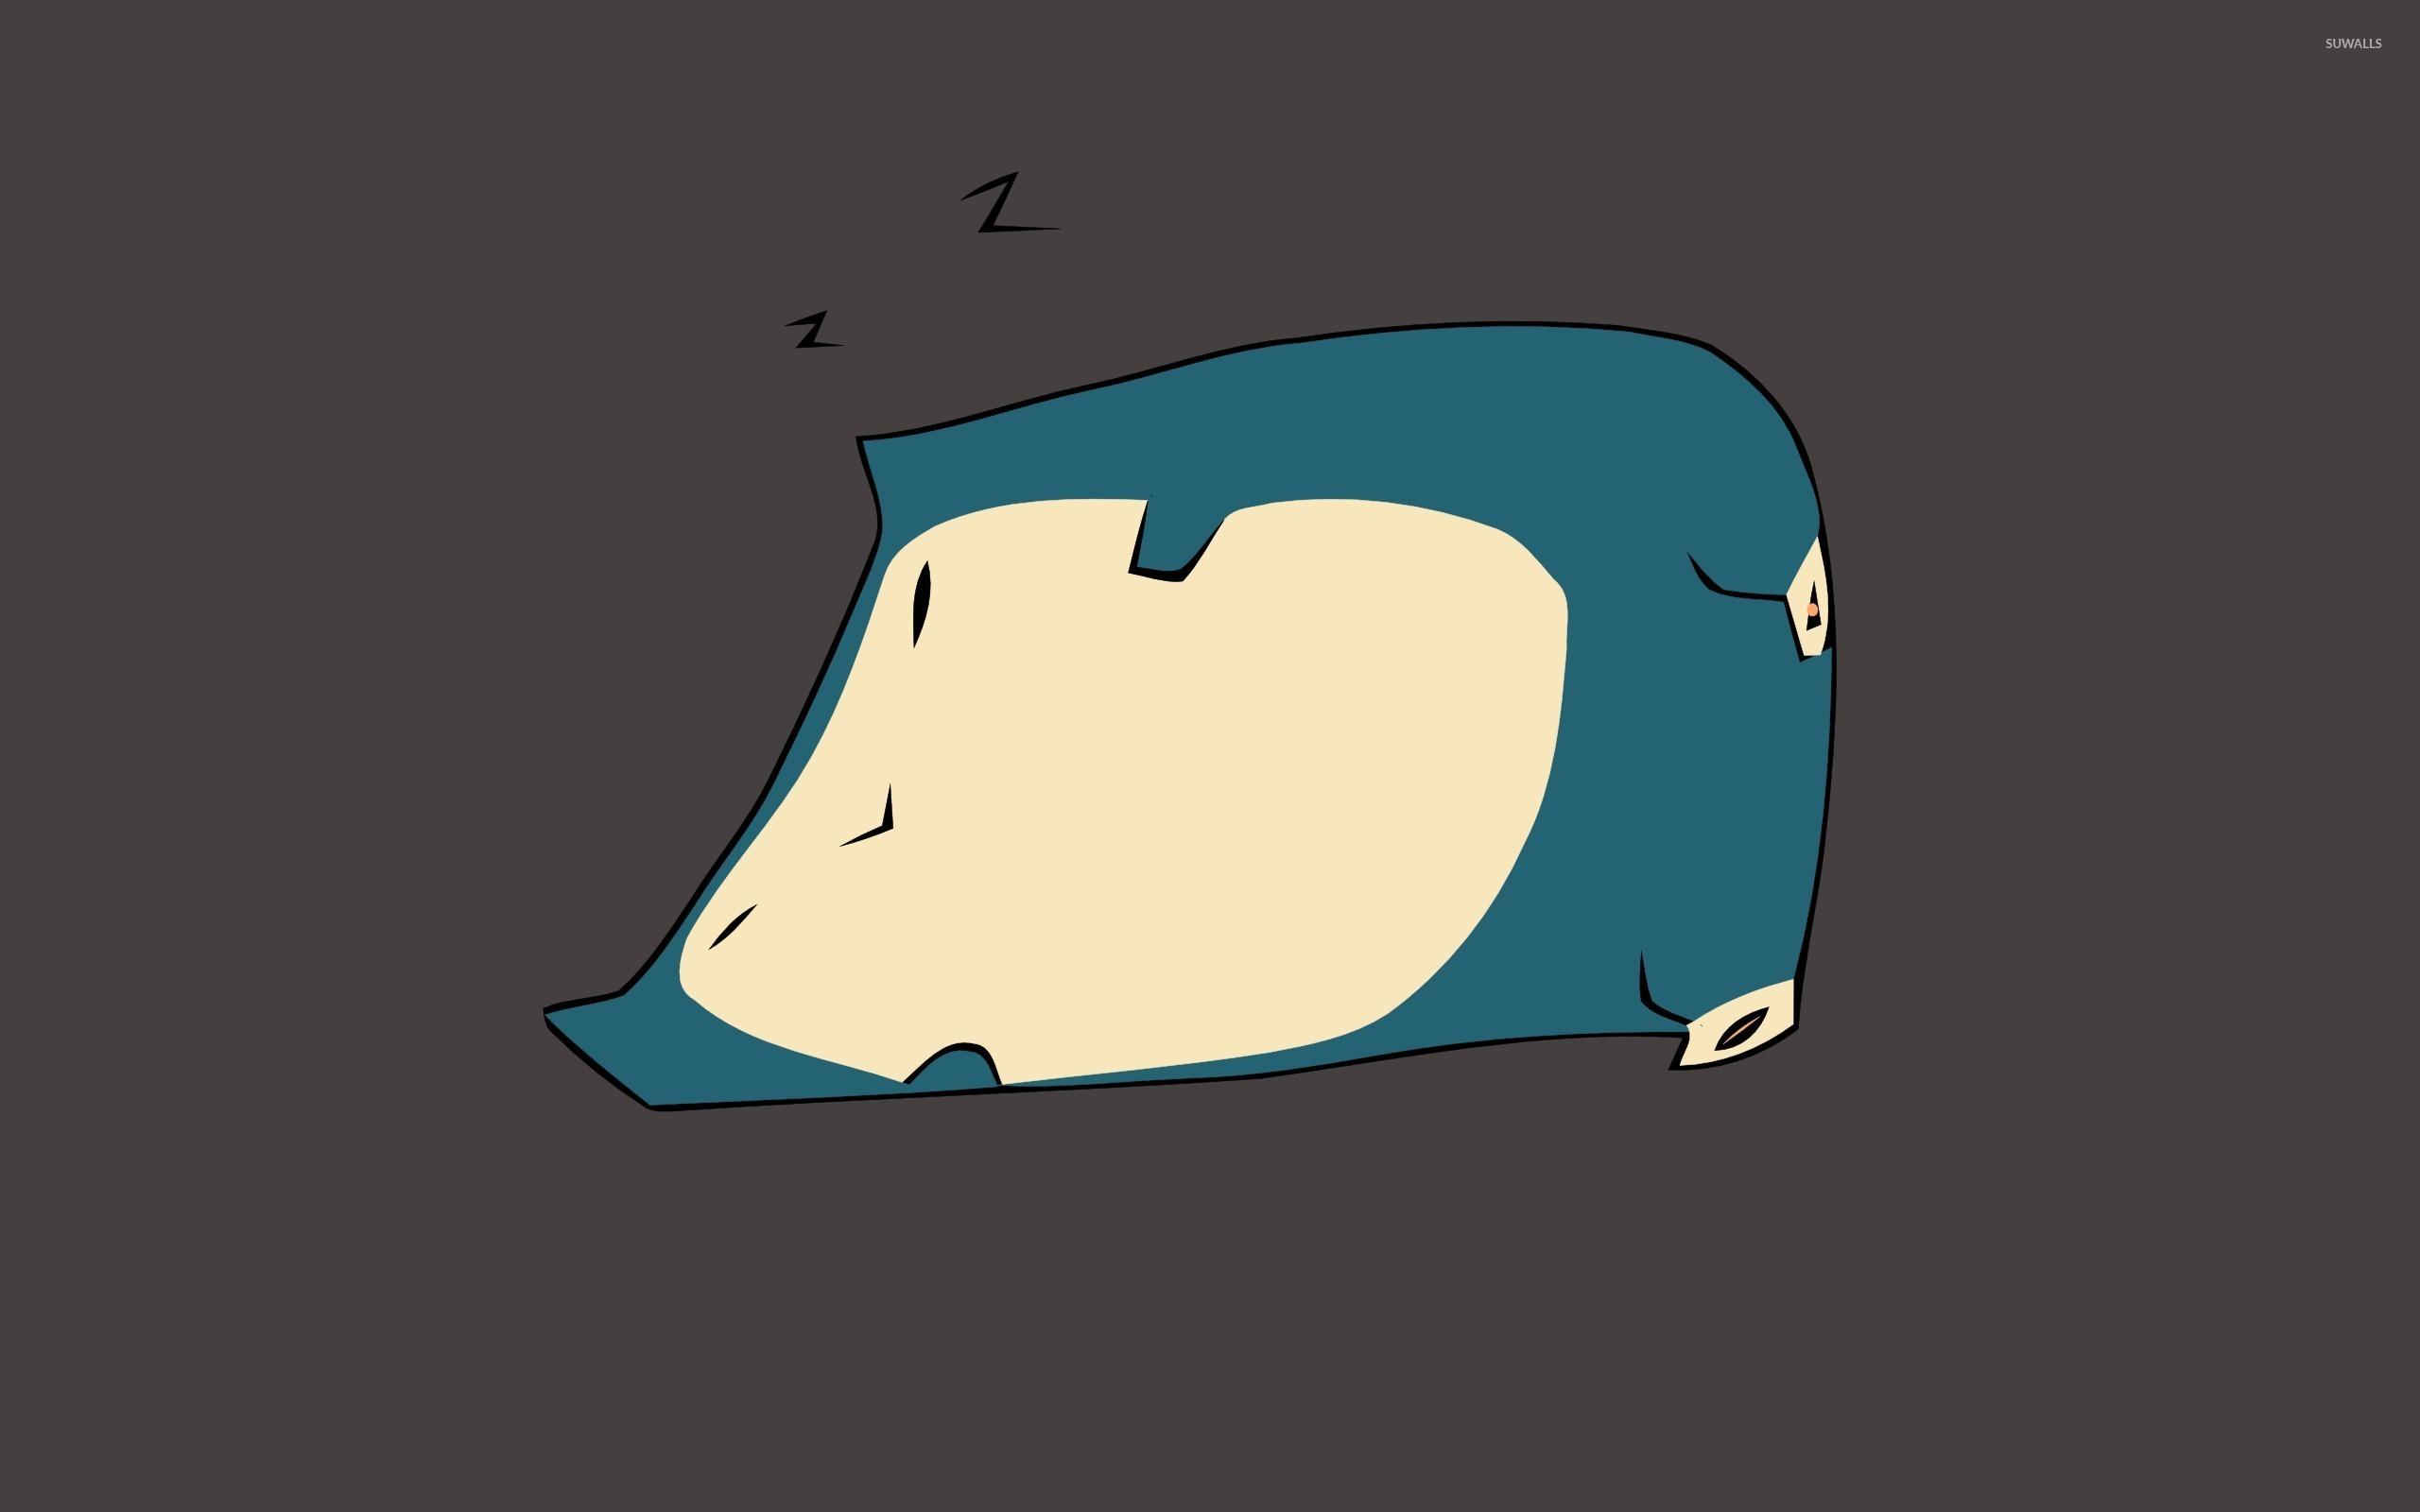 Snorlax Sleeping Pokemon 52347